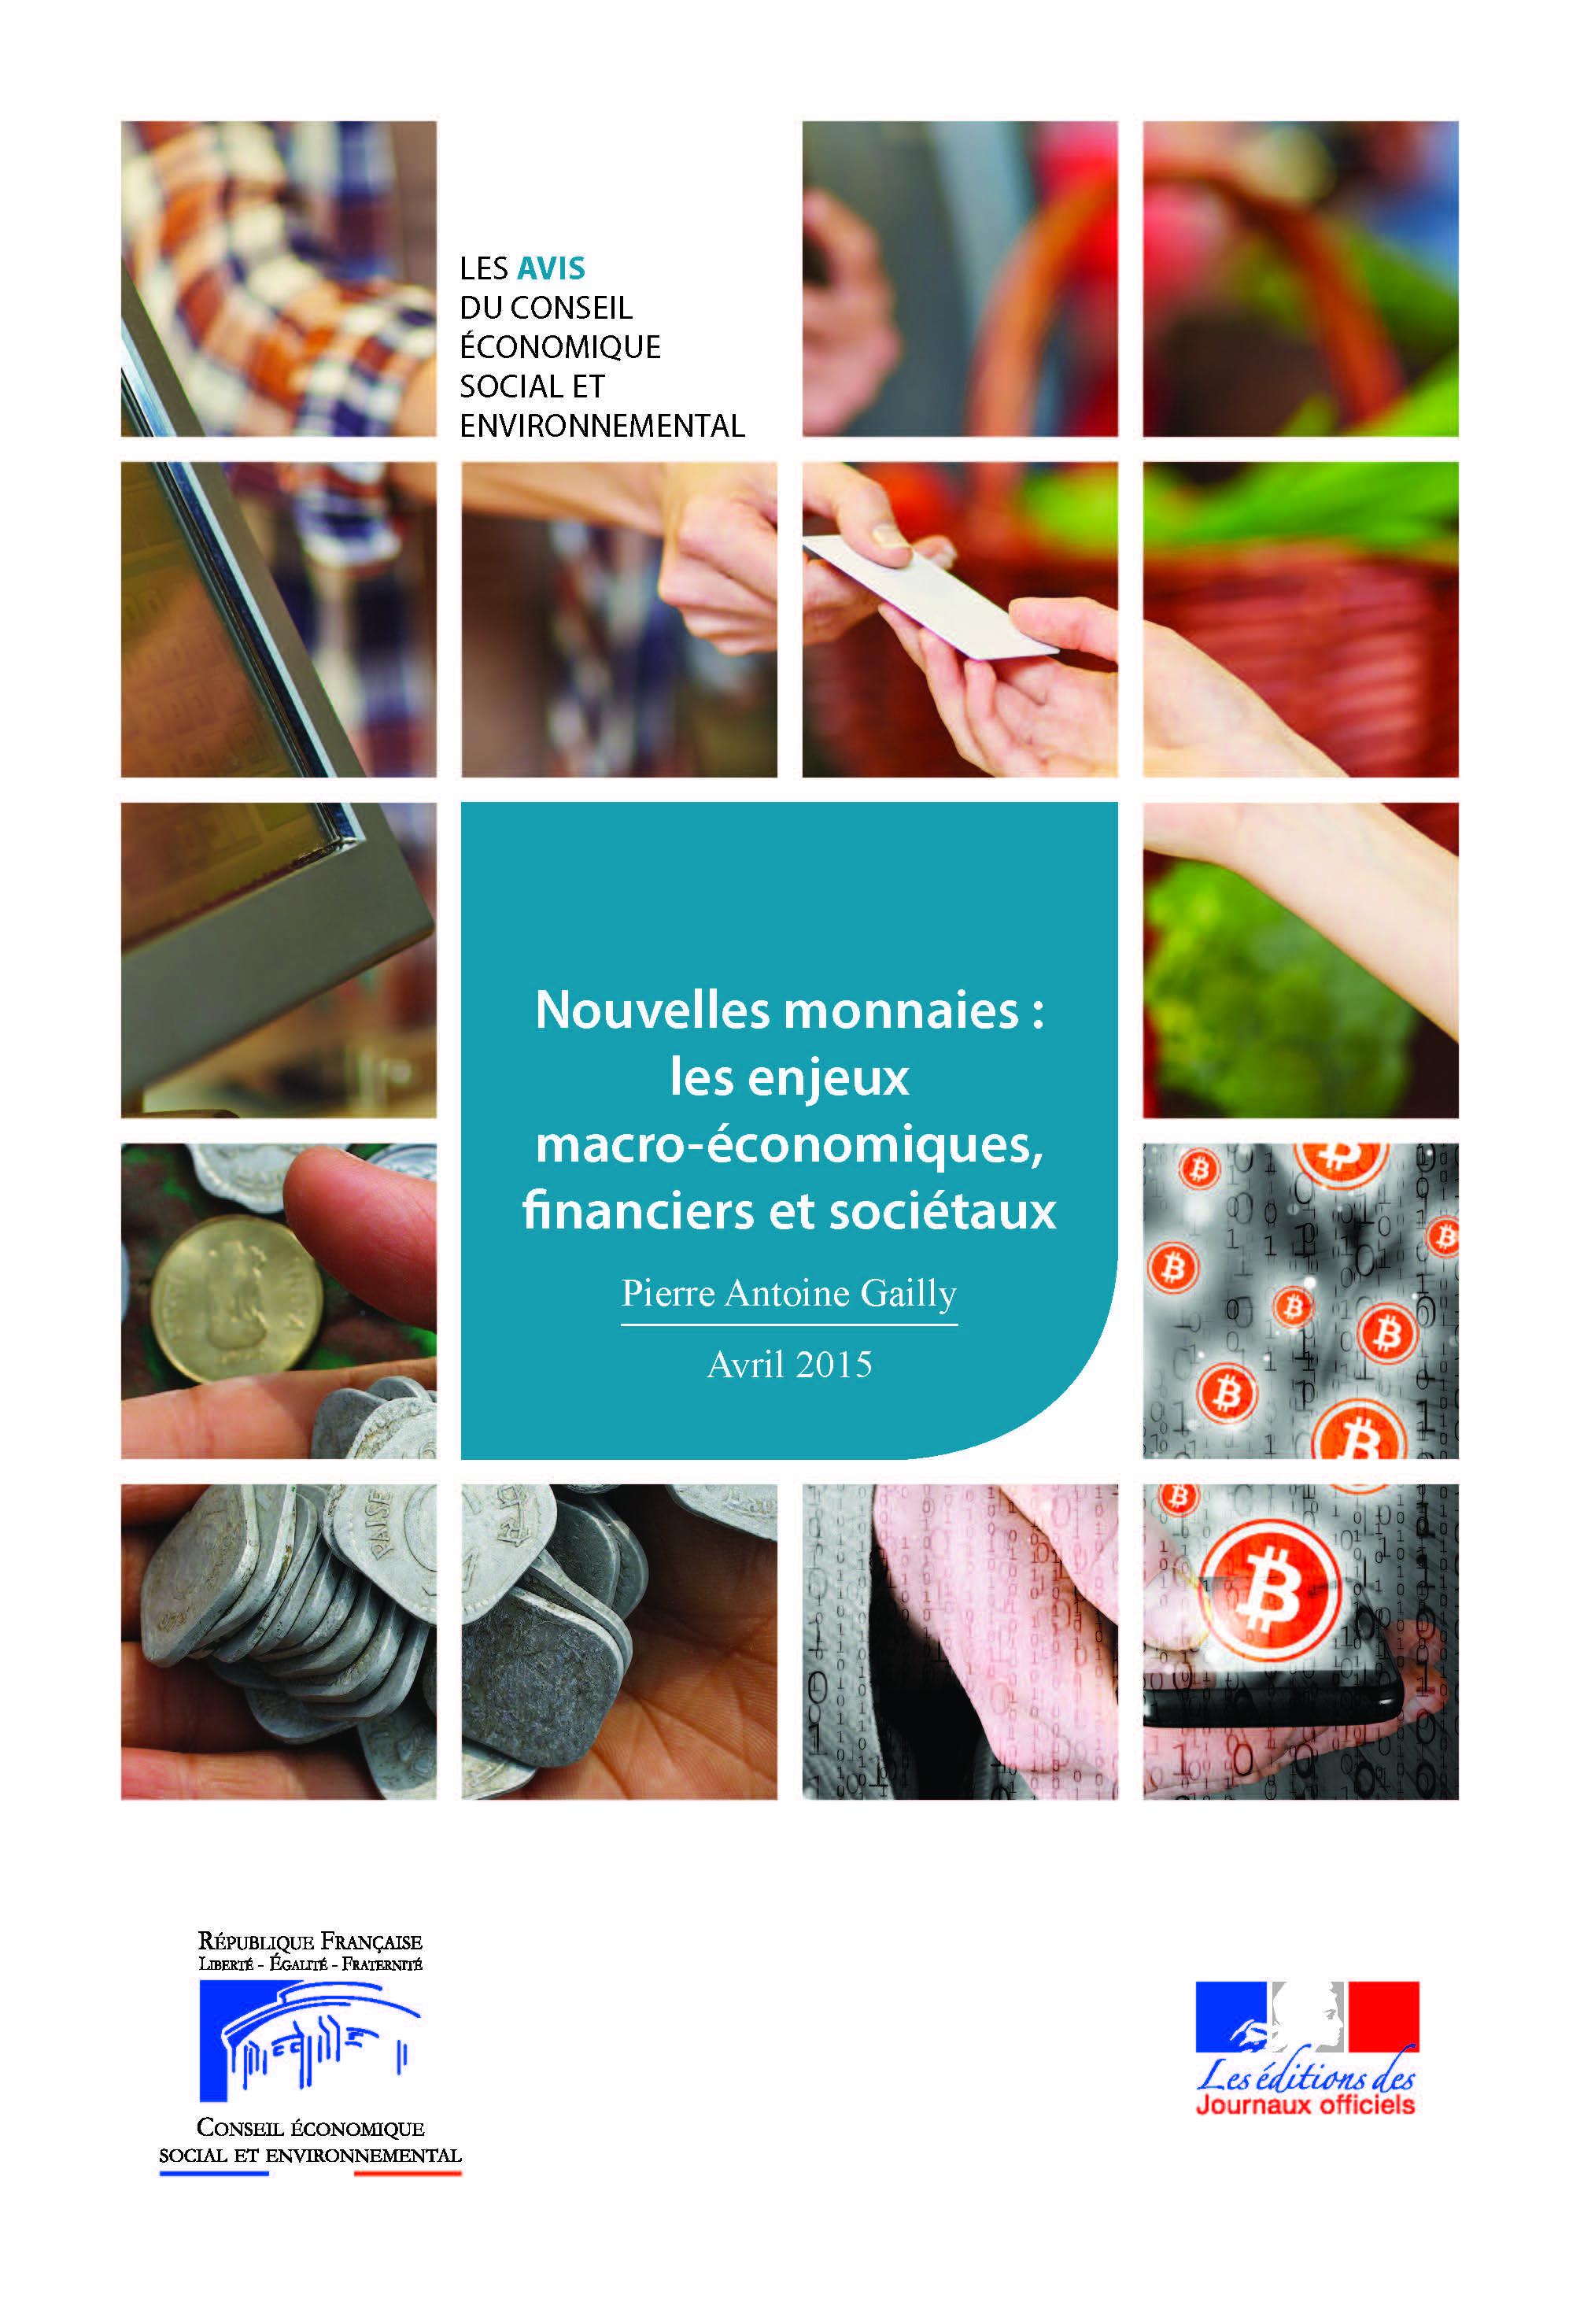 Nouvelles monnaies : les enjeux macro-économiques, financiers et sociétaux